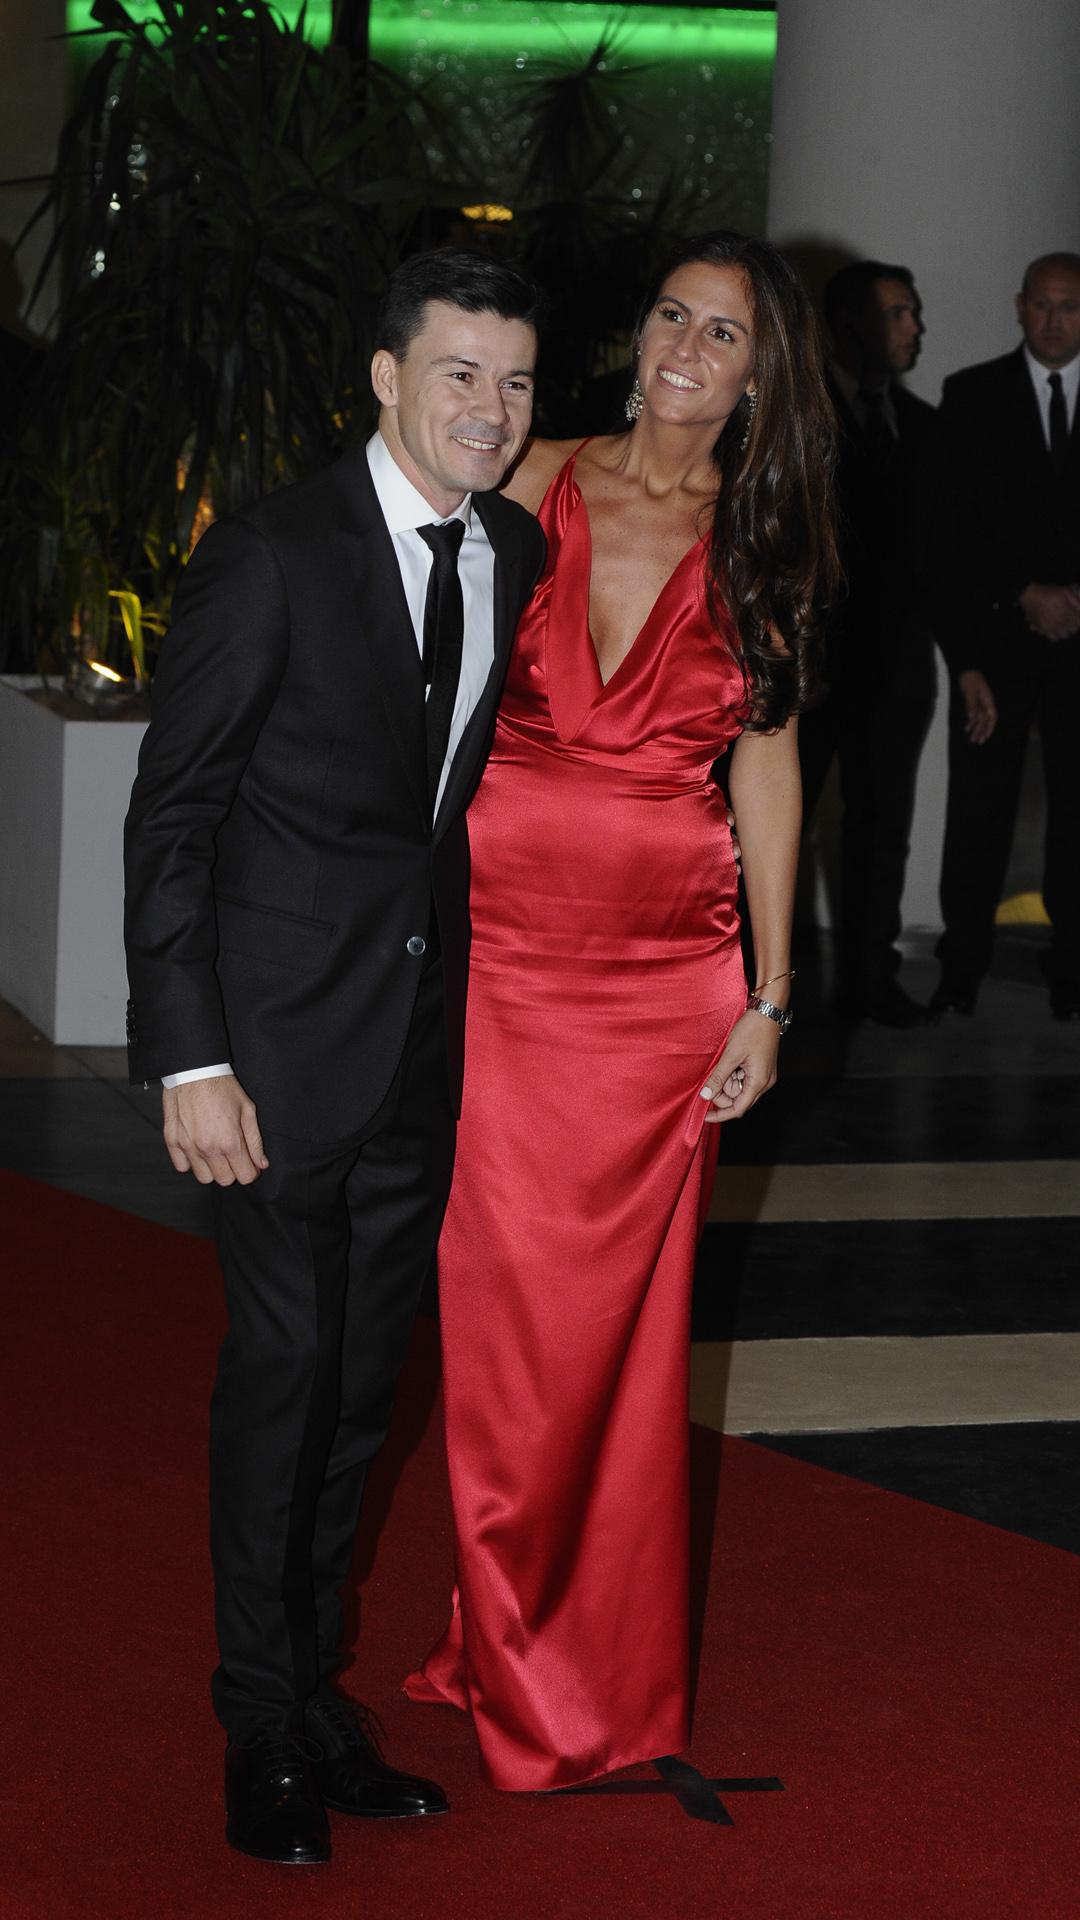 El ex tenista argentino Guillermo Coria y su mujer, Carla Francovigh